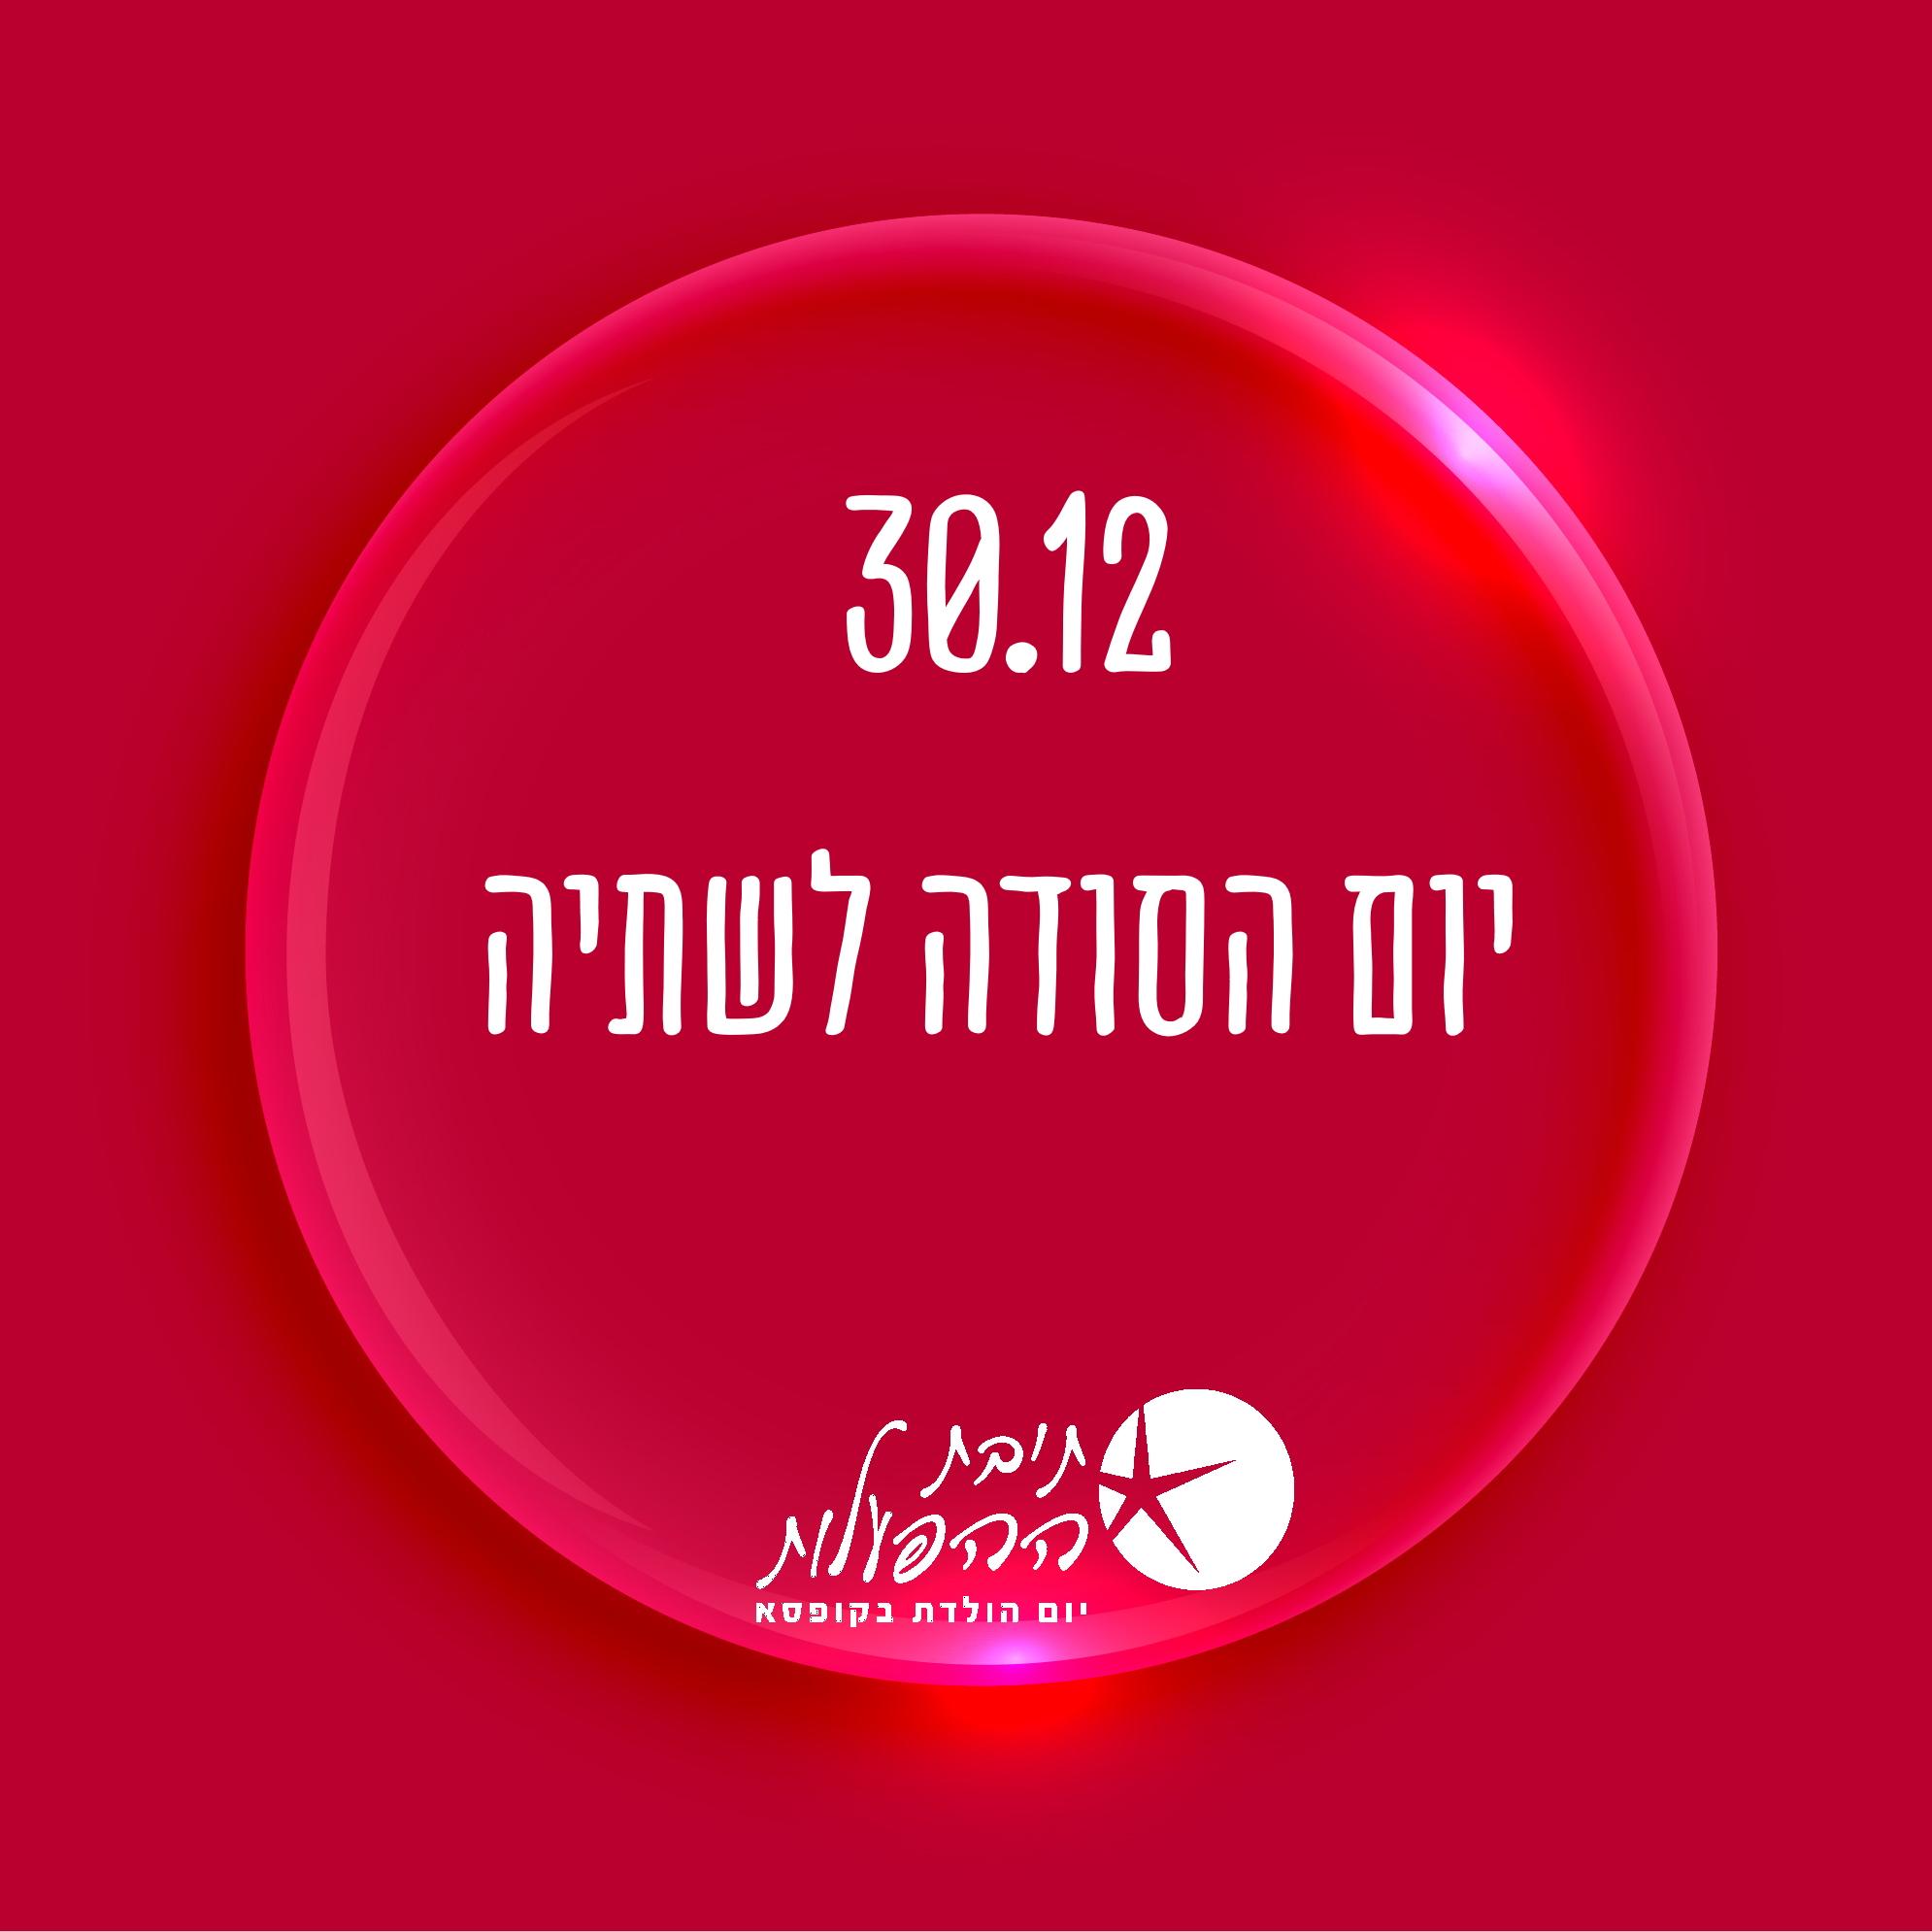 30-12 יום סודה לשתיה הבינלאומי